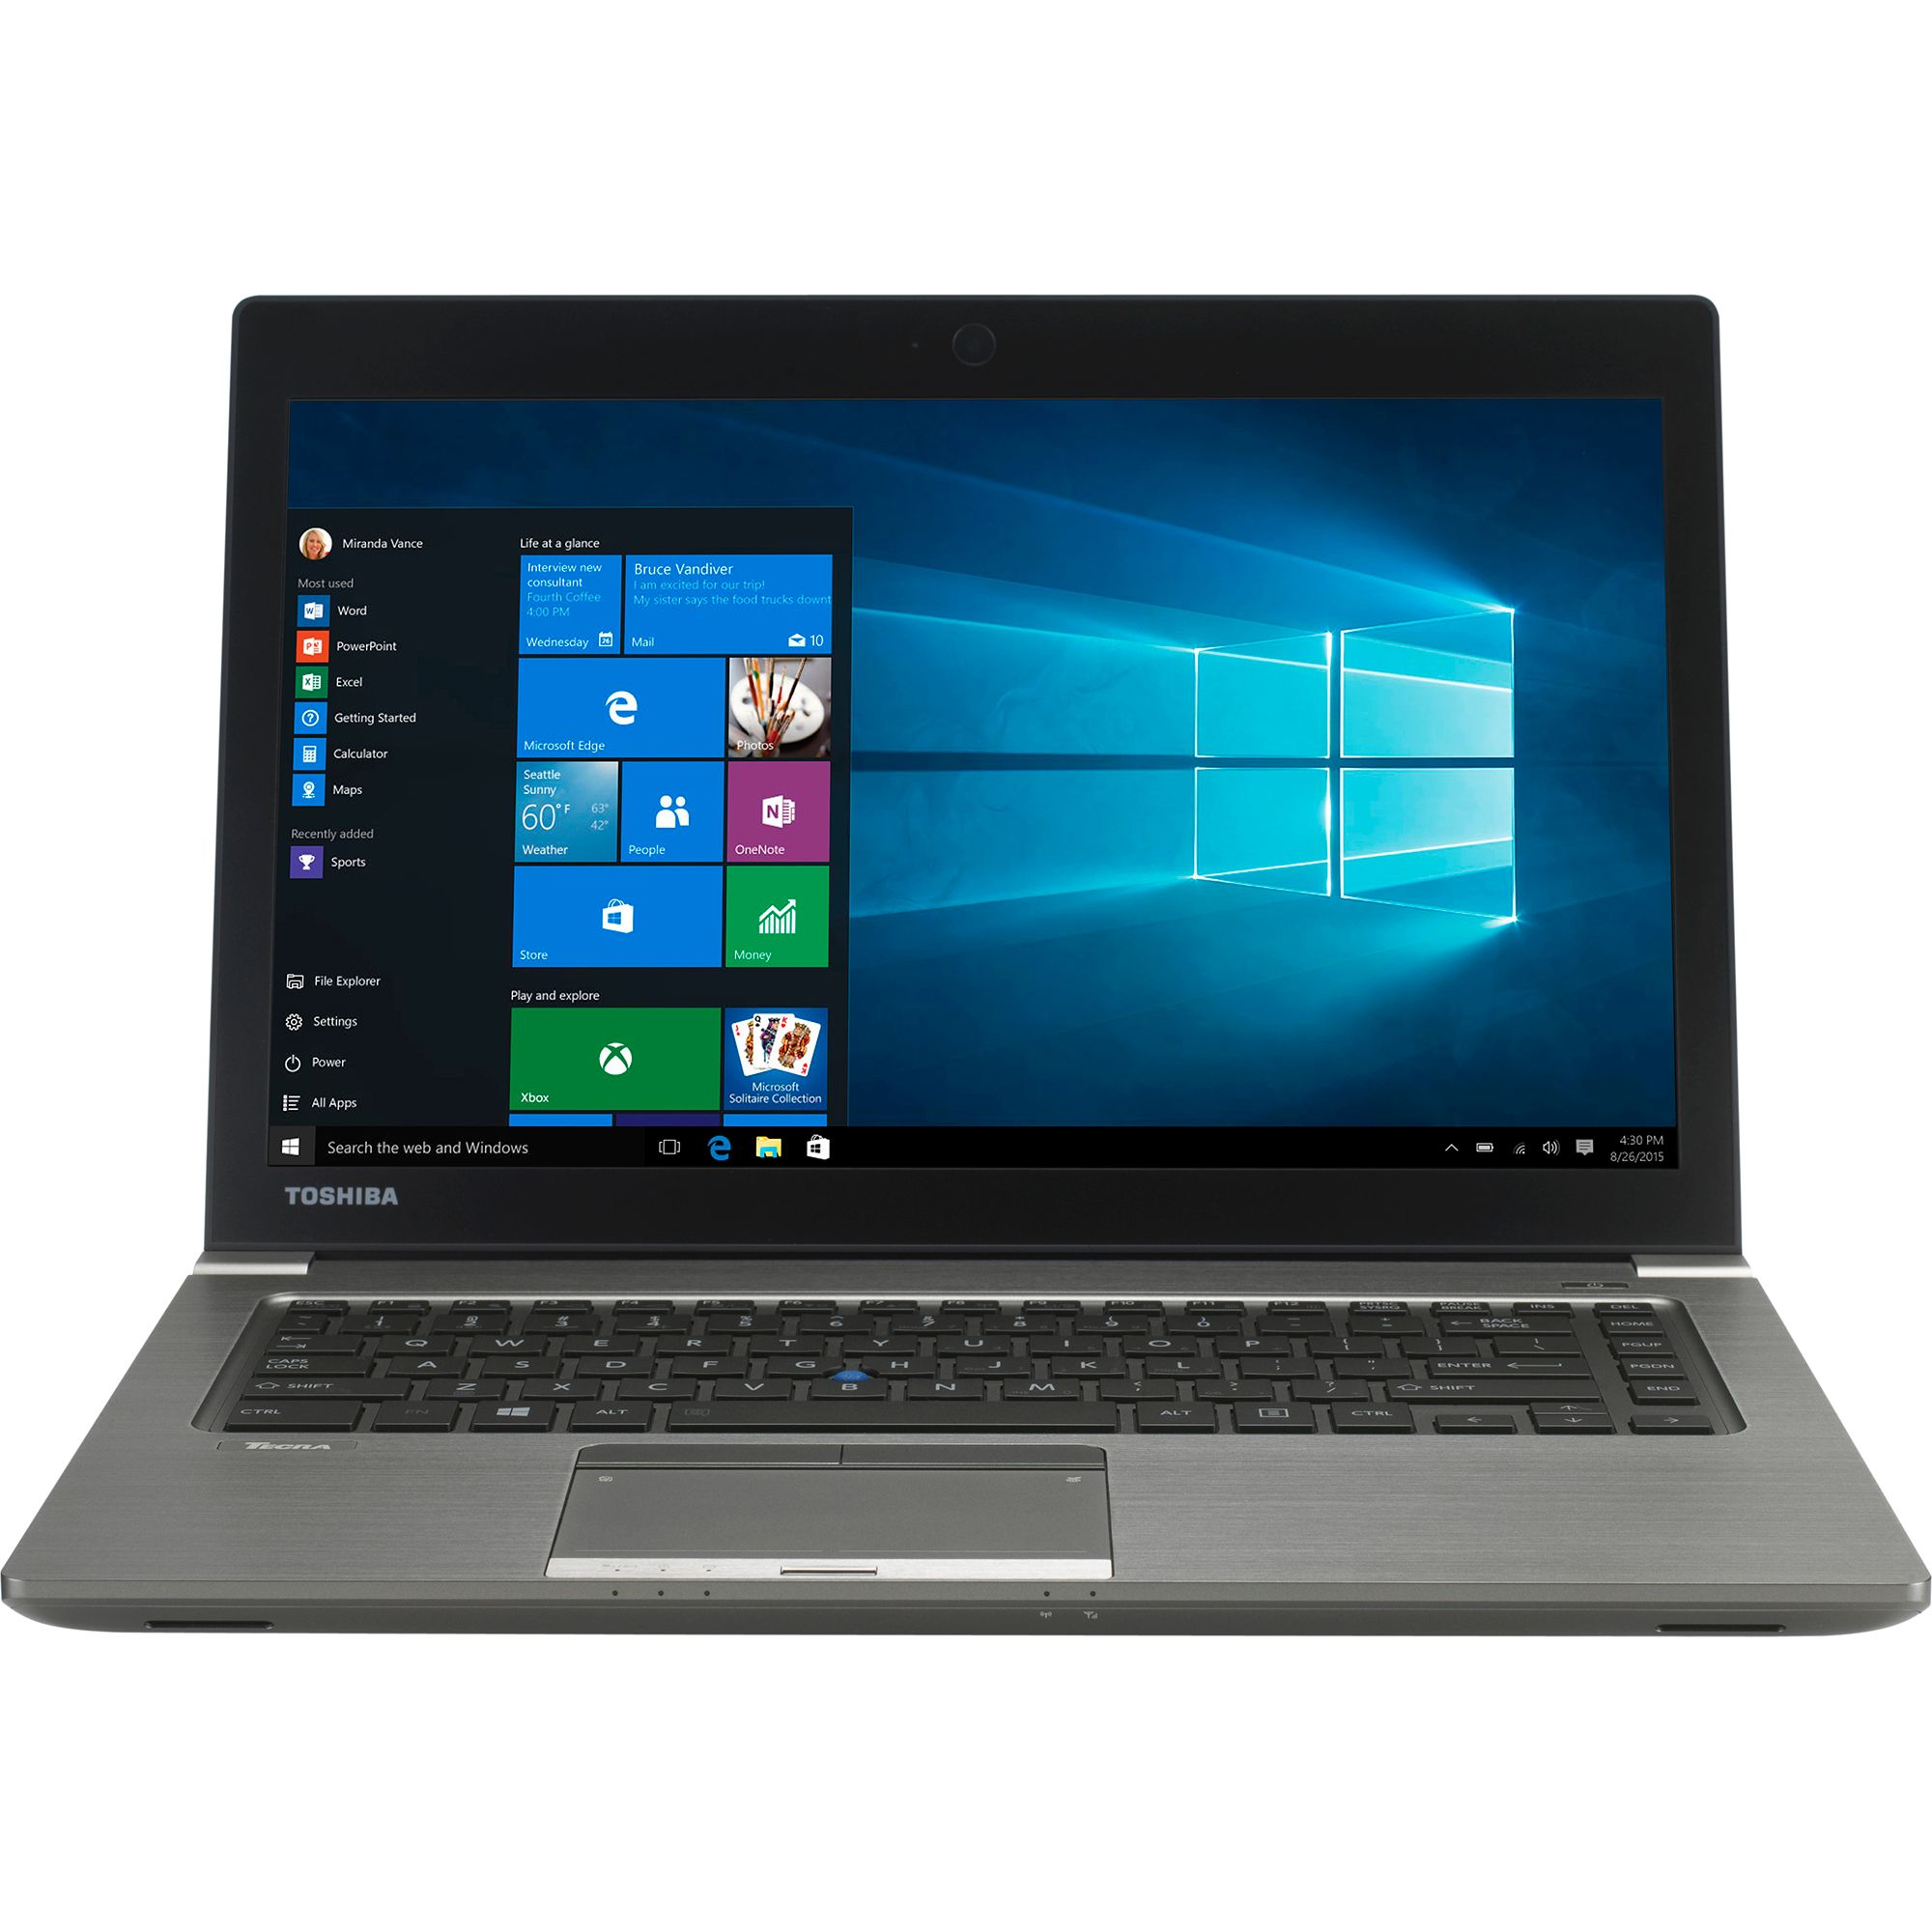 Ultrabook Toshiba Tecra Z40-C 14 Full HD Intel Core i5-6200U RAM 8GB SSD 256GB Windows 10 Pro